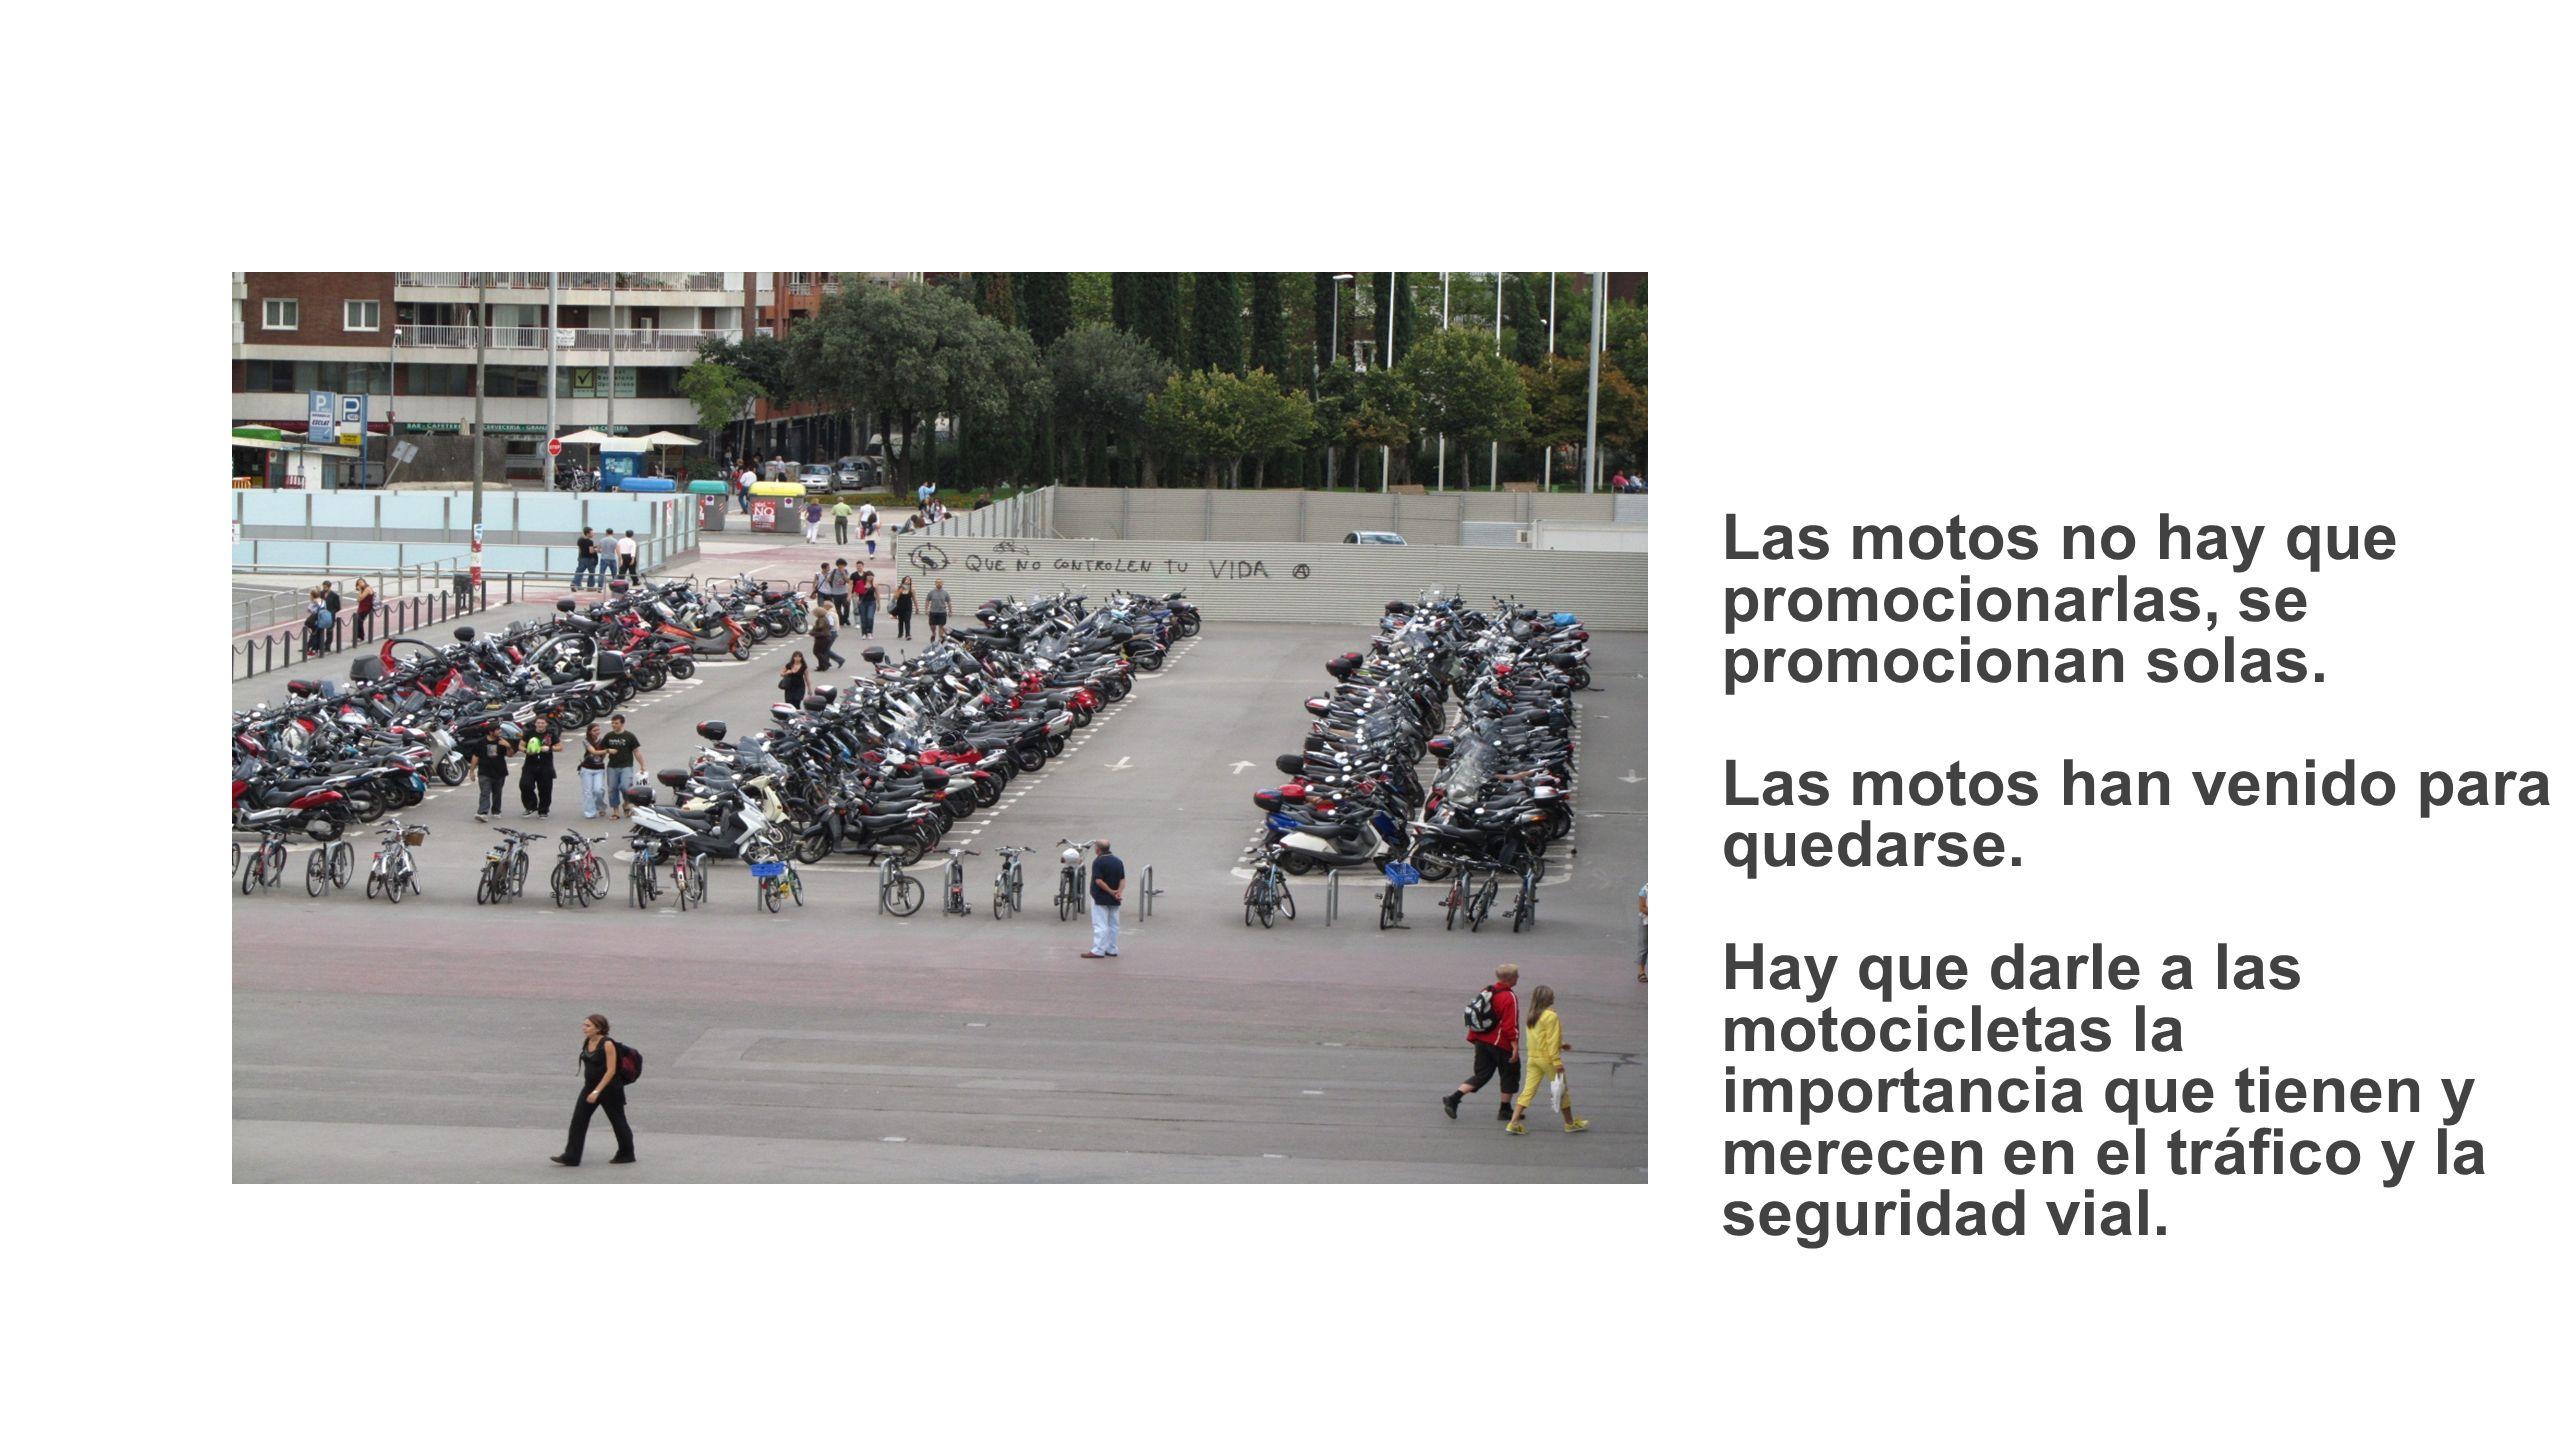 Las motos no hay que promocionarlas, se promocionan solas.